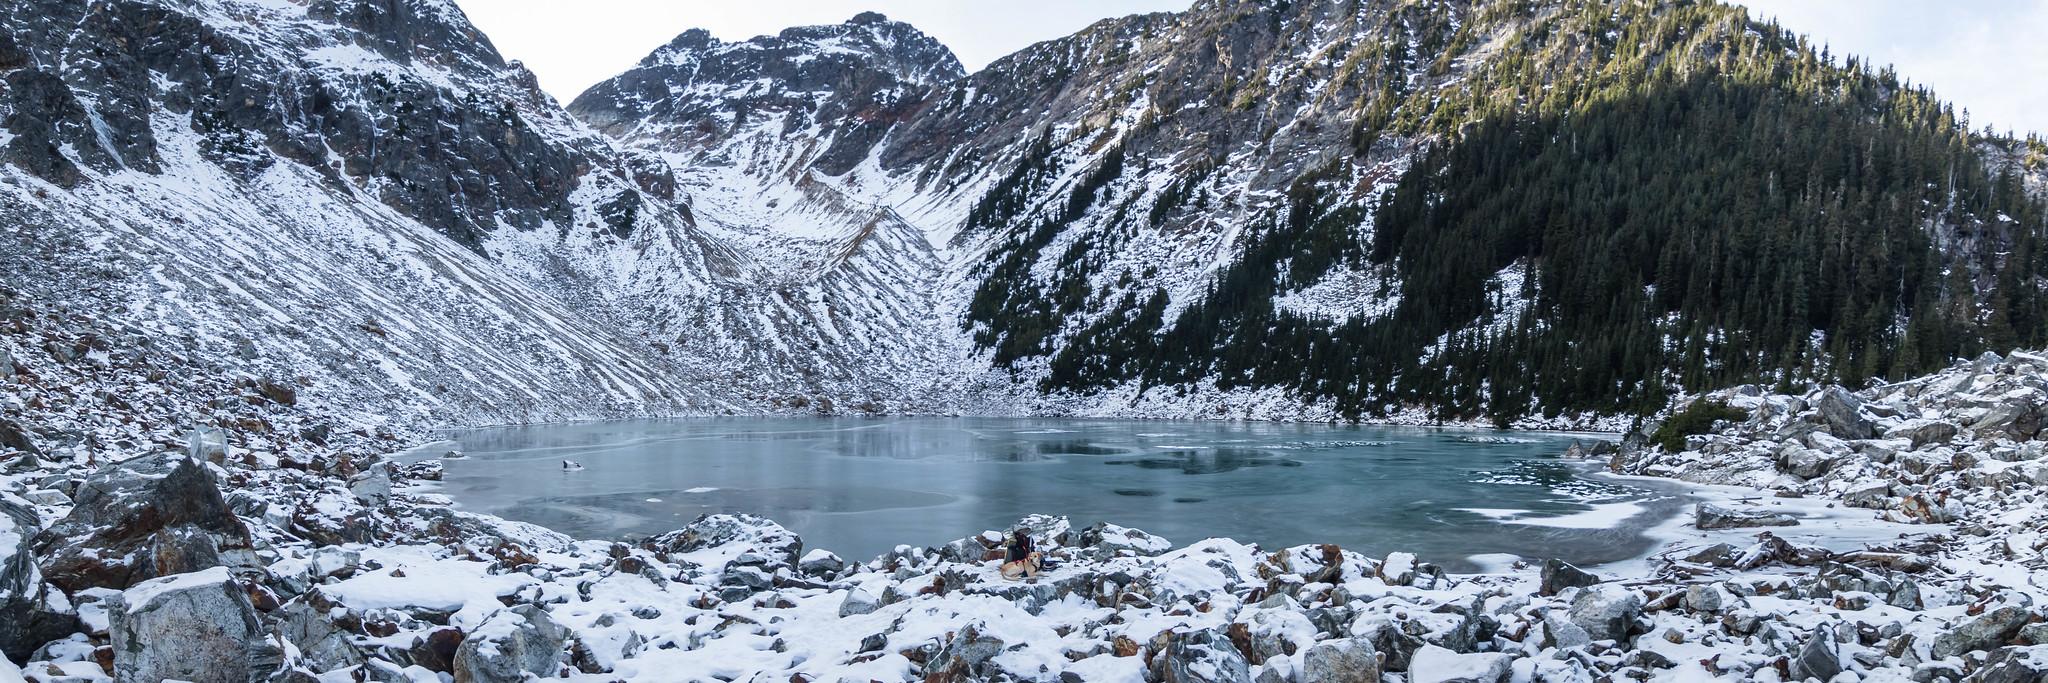 Lake Fork panoramic view